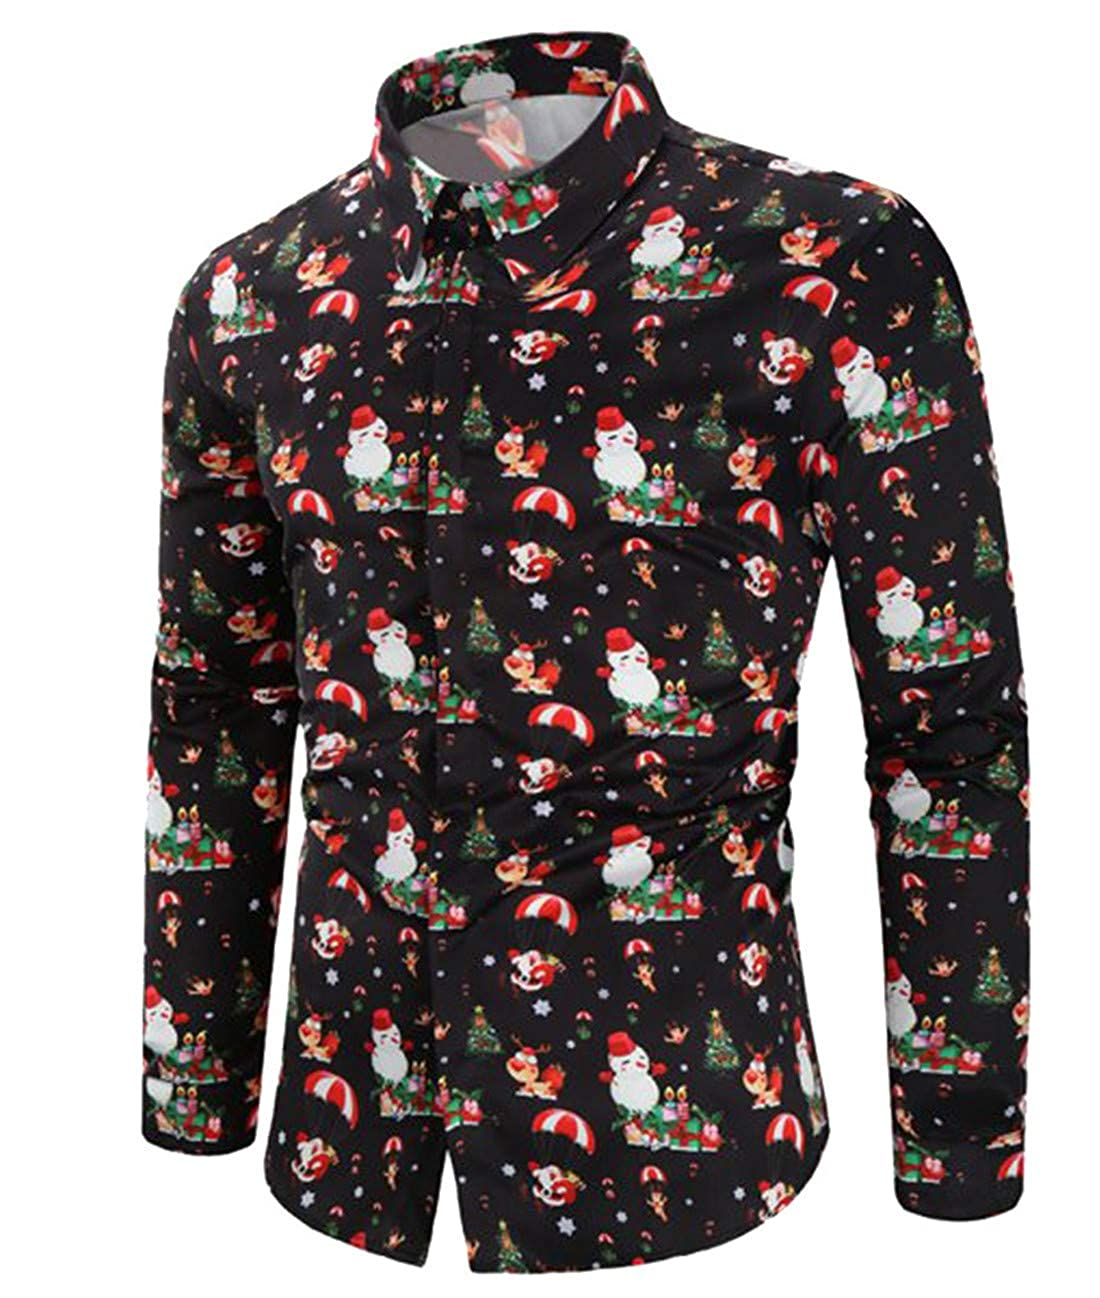 CHyaog Herren Hemd Weihnachten Weihnachtshemd Thema 3D Digitaldruck Knö pfbar Langarm Freizeit Xmas Bluse Shirt